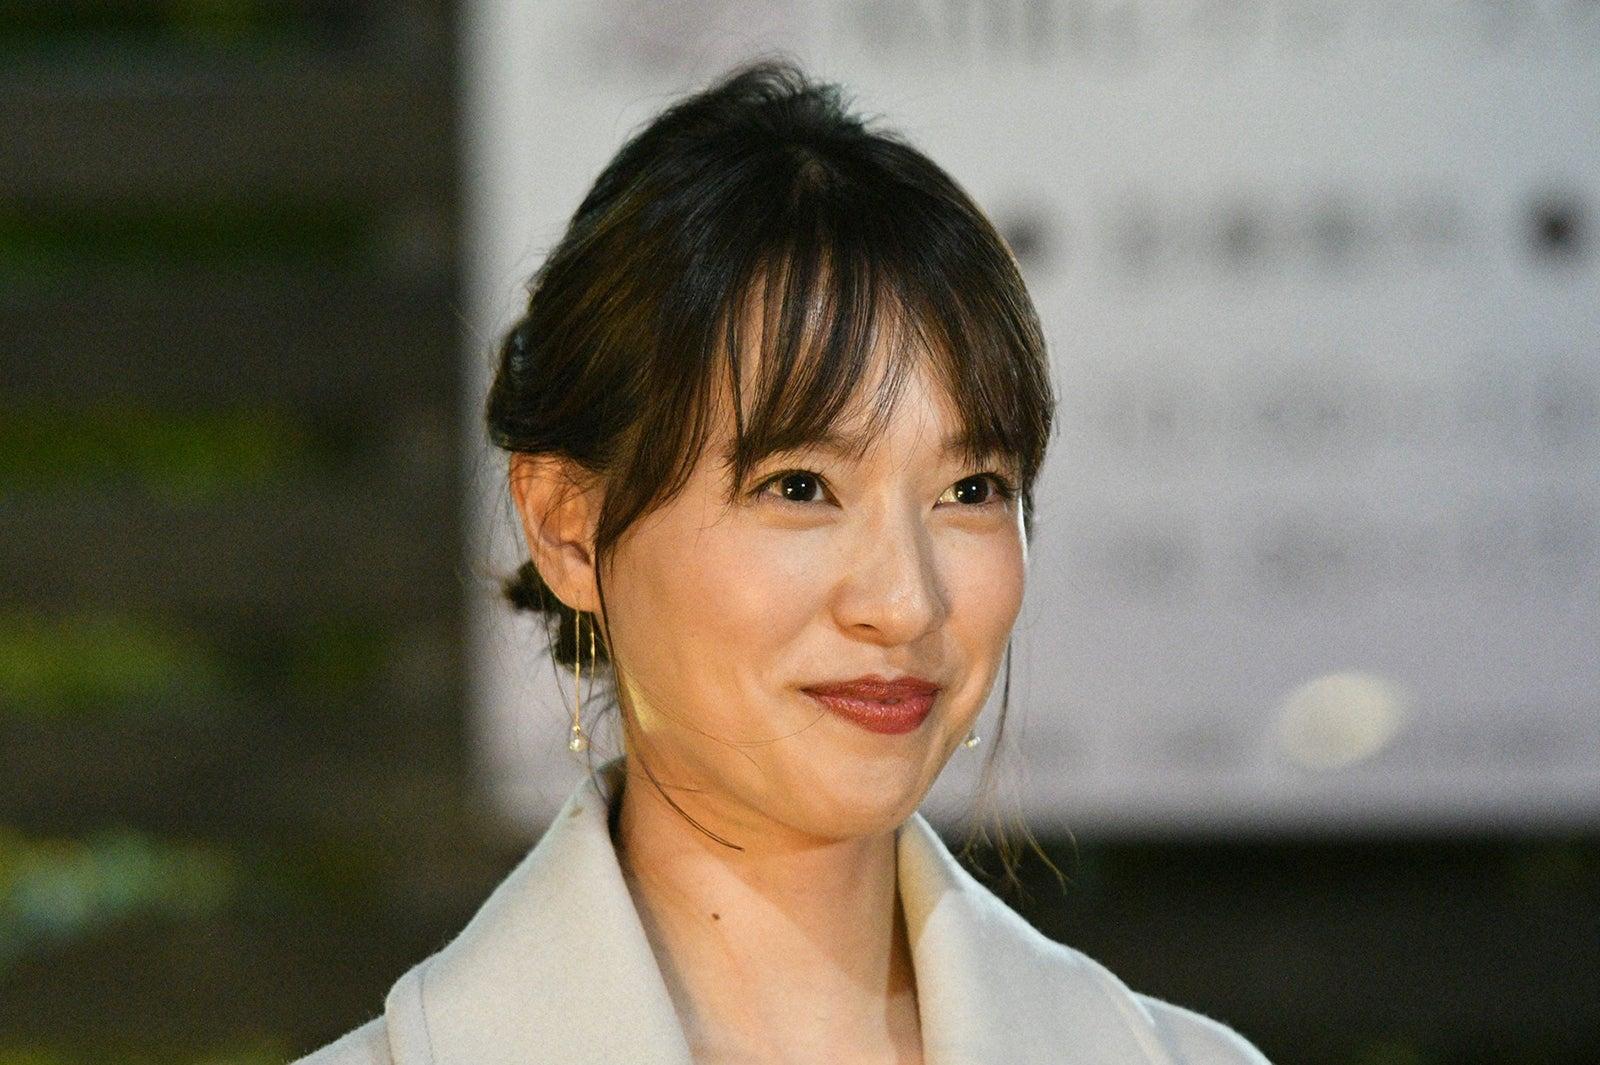 戸田恵梨香/「大恋愛~僕を忘れる君と」第1話